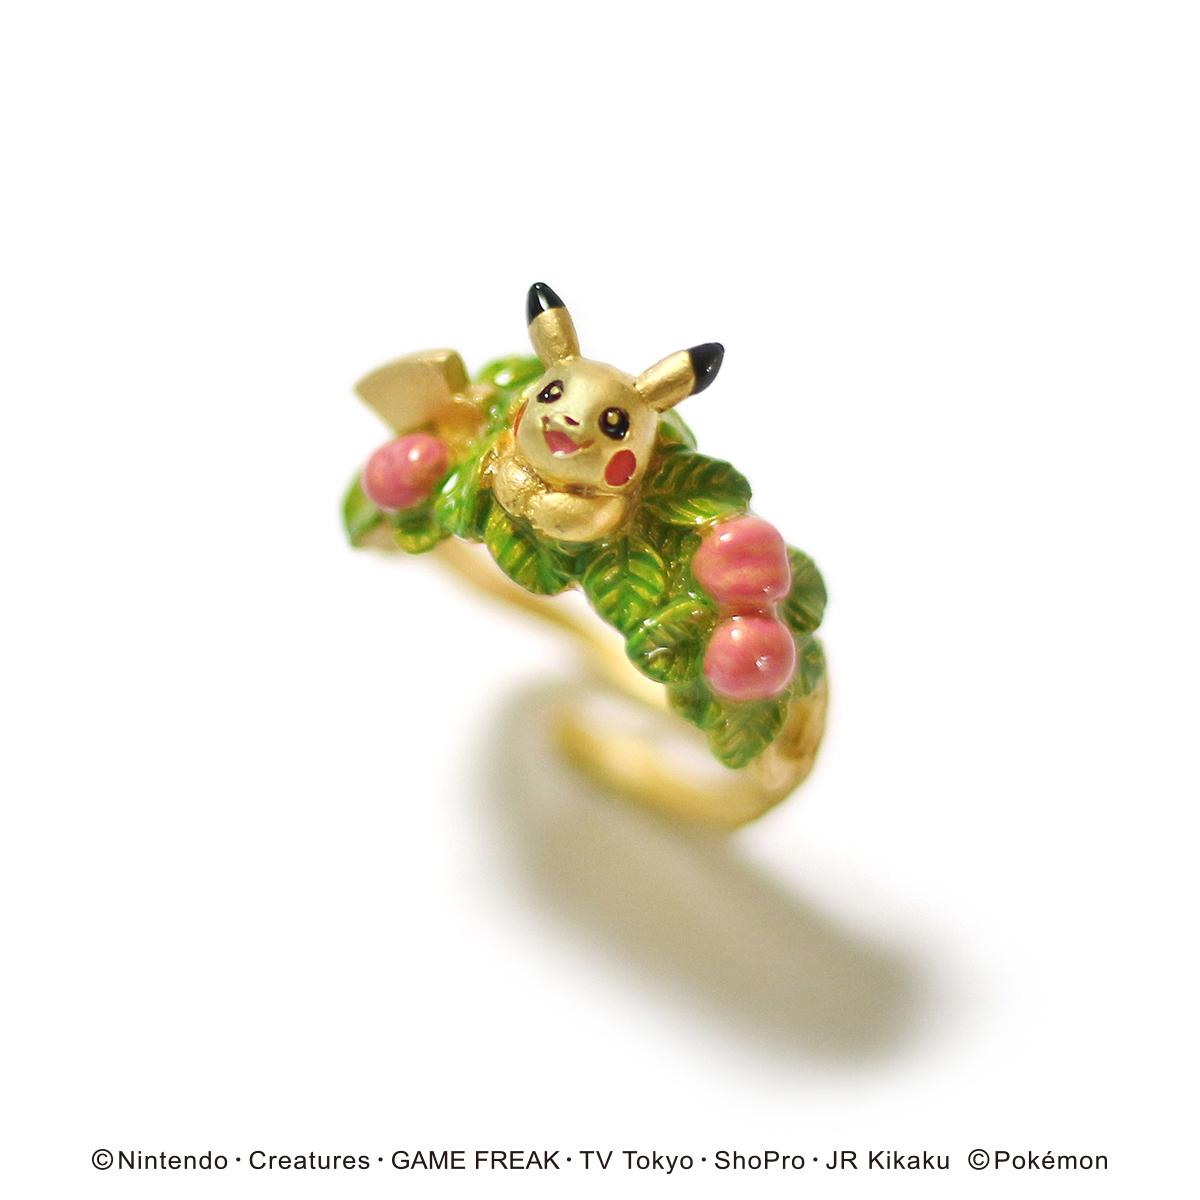 ピカチュウお花畑リング / リング【ポケモン第3弾】(フリーサイズ)